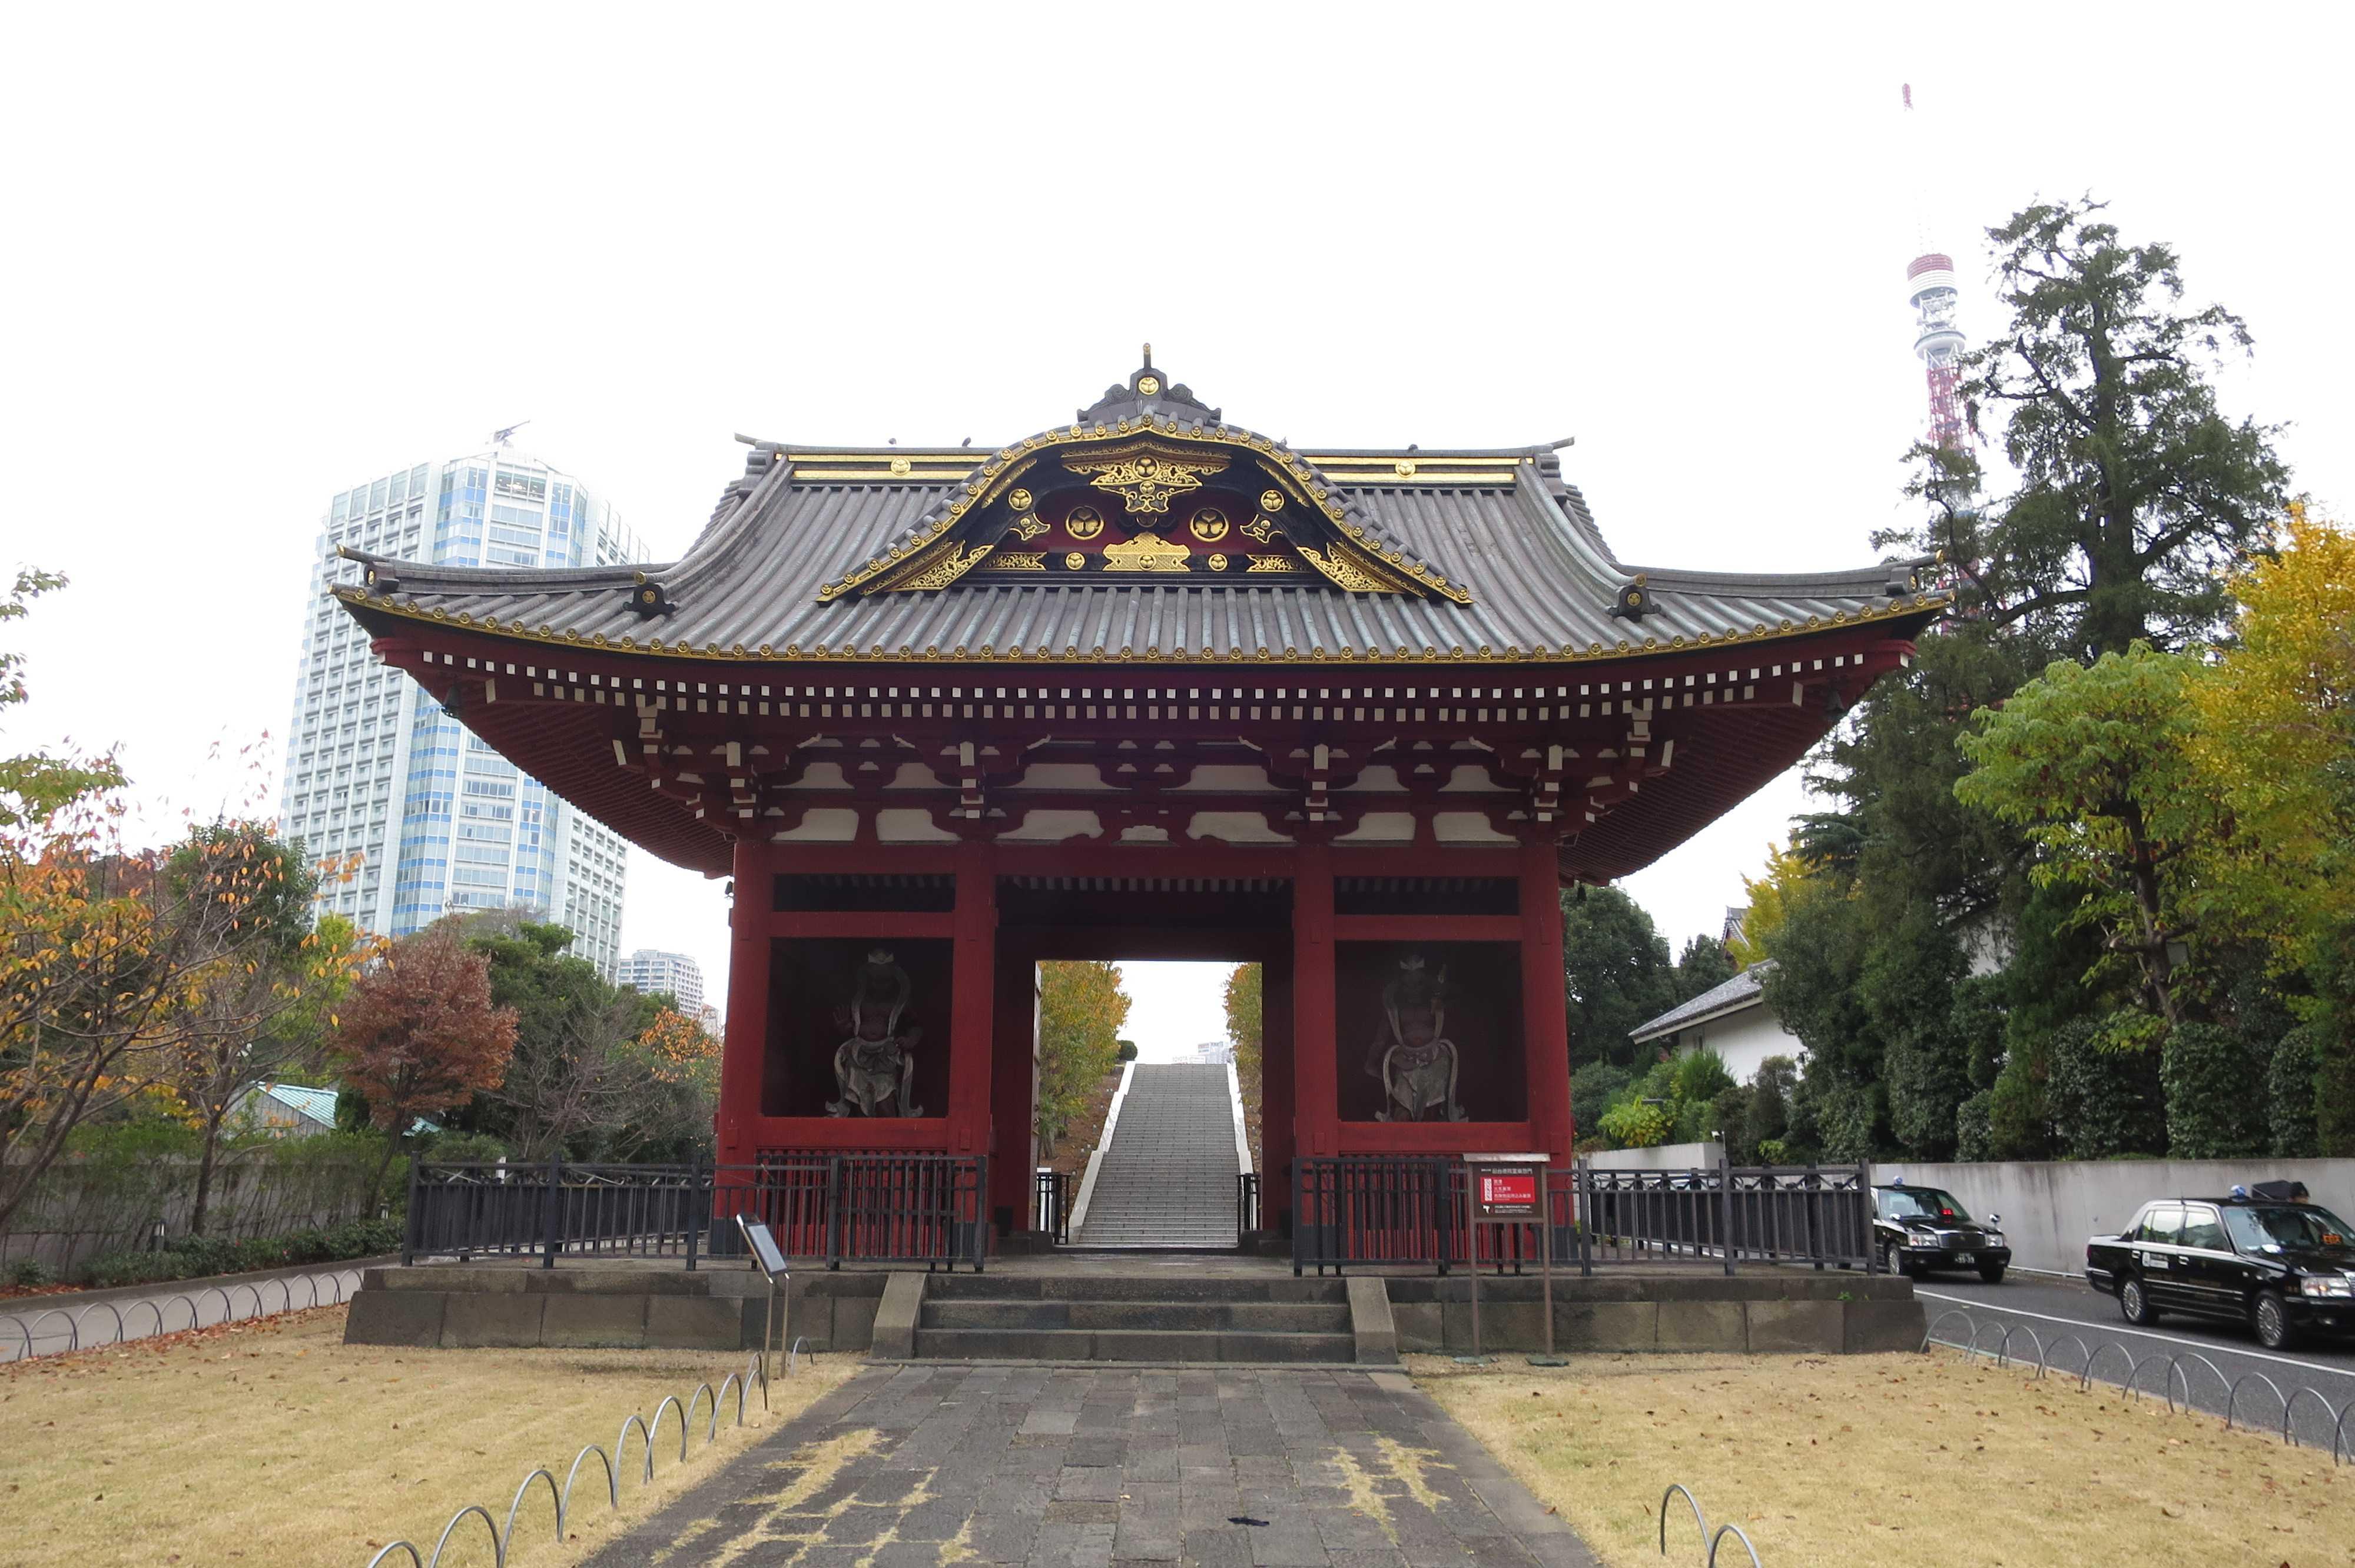 増上寺  台徳院霊廟惣門